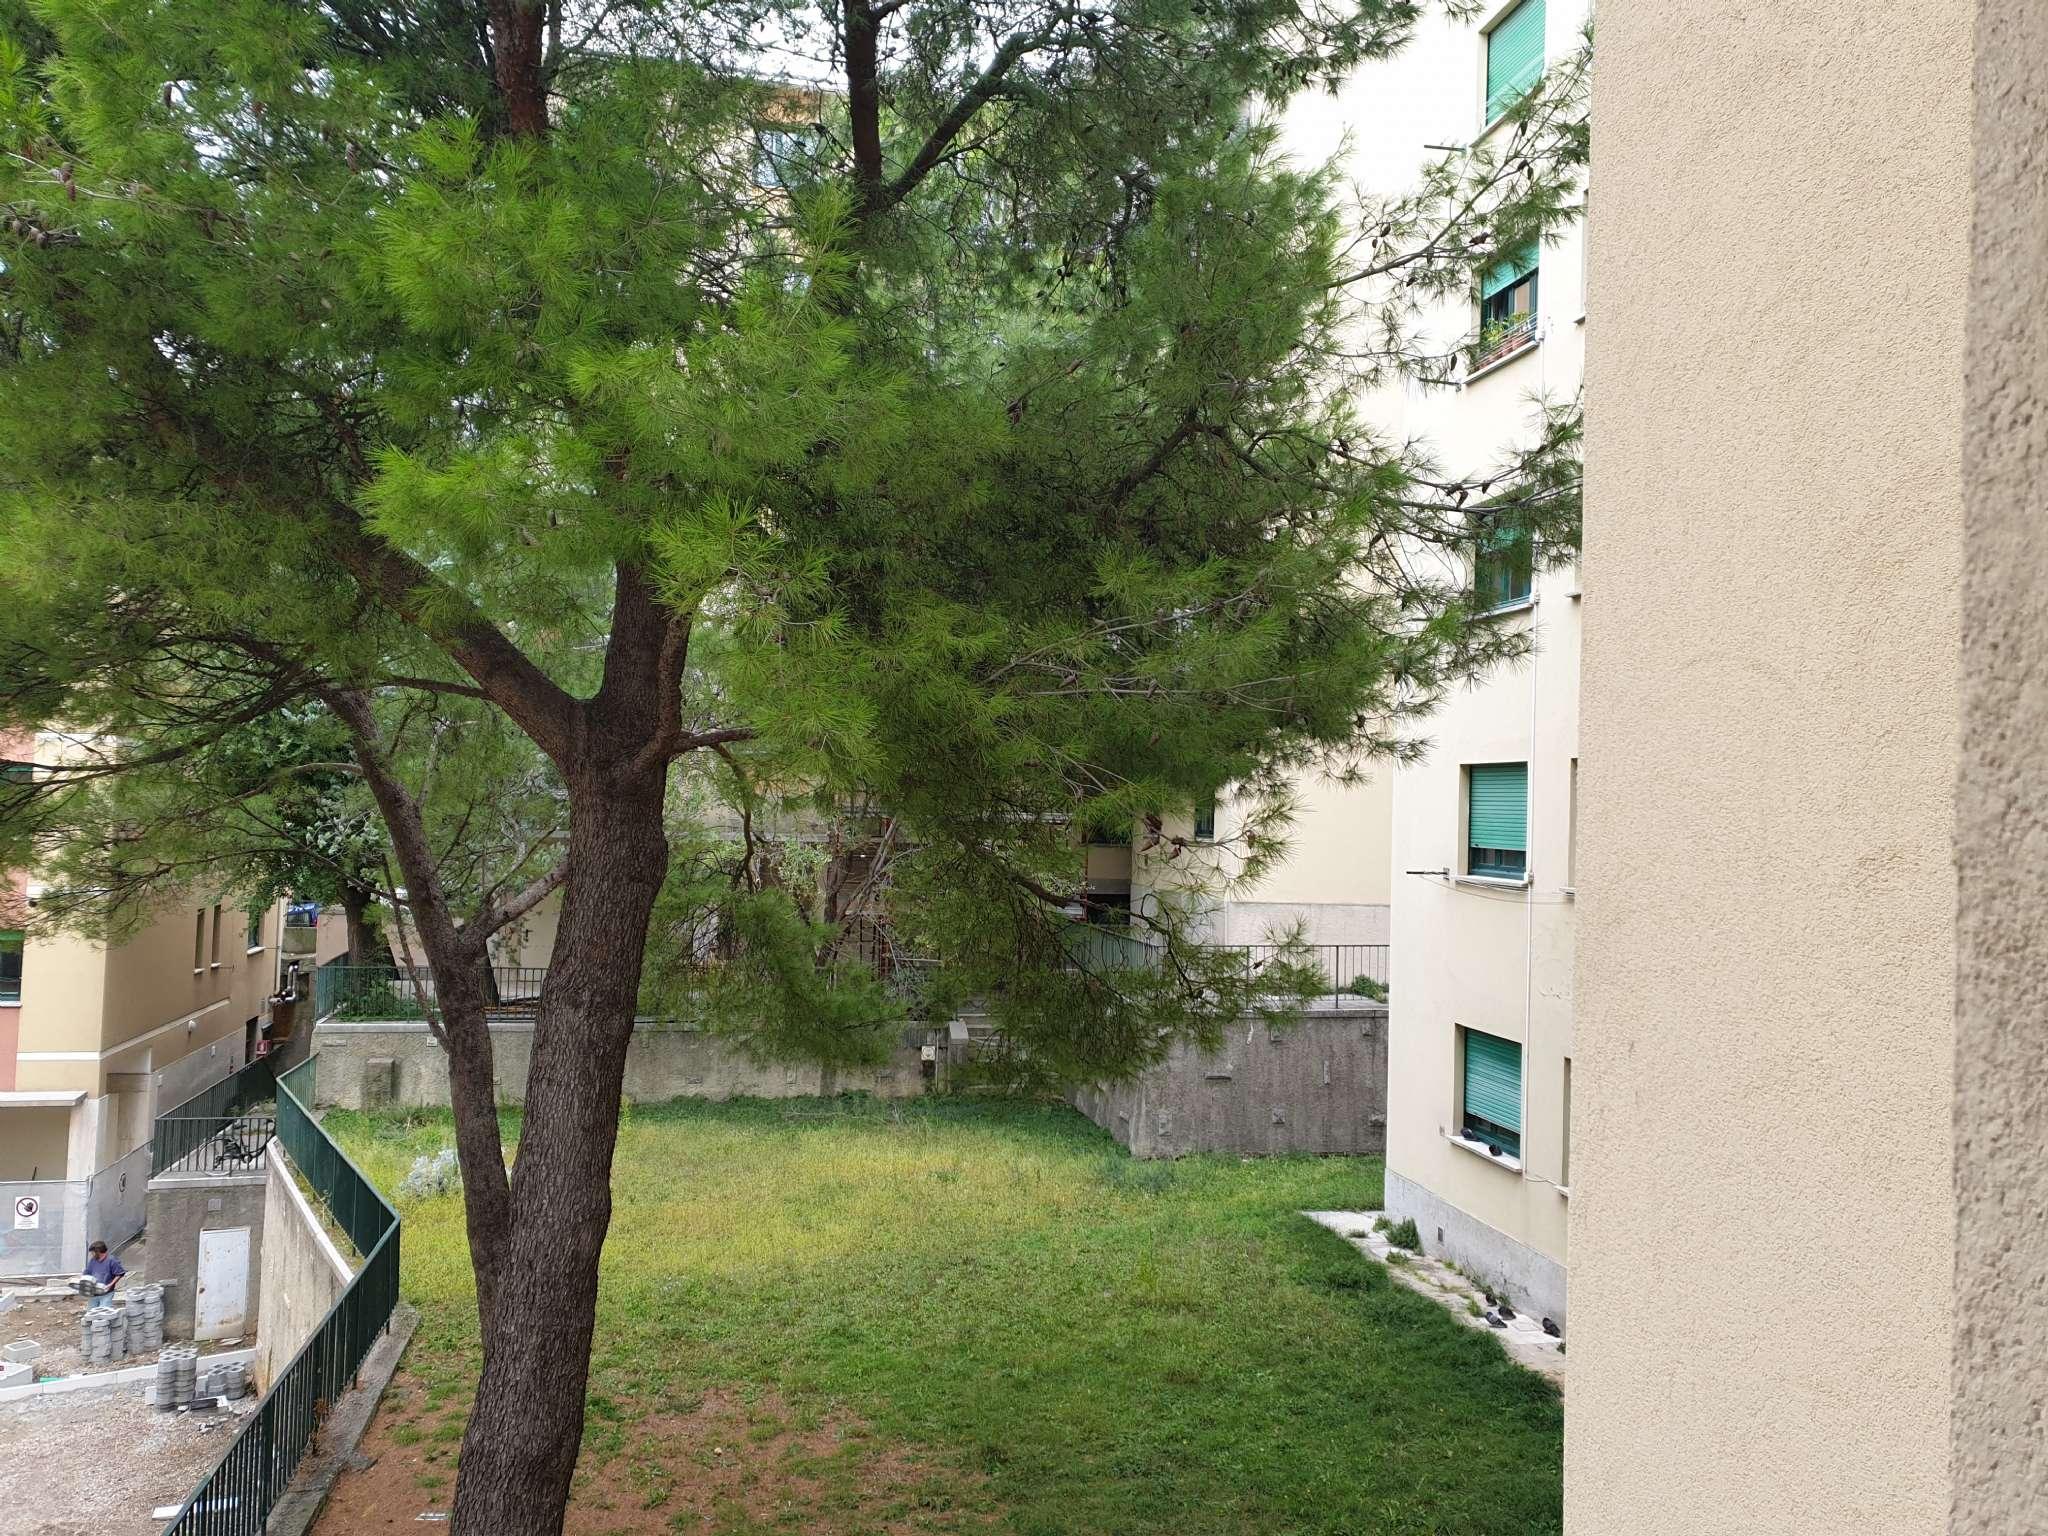 Appartamento in vendita a Trieste, 3 locali, prezzo € 81.500 | CambioCasa.it